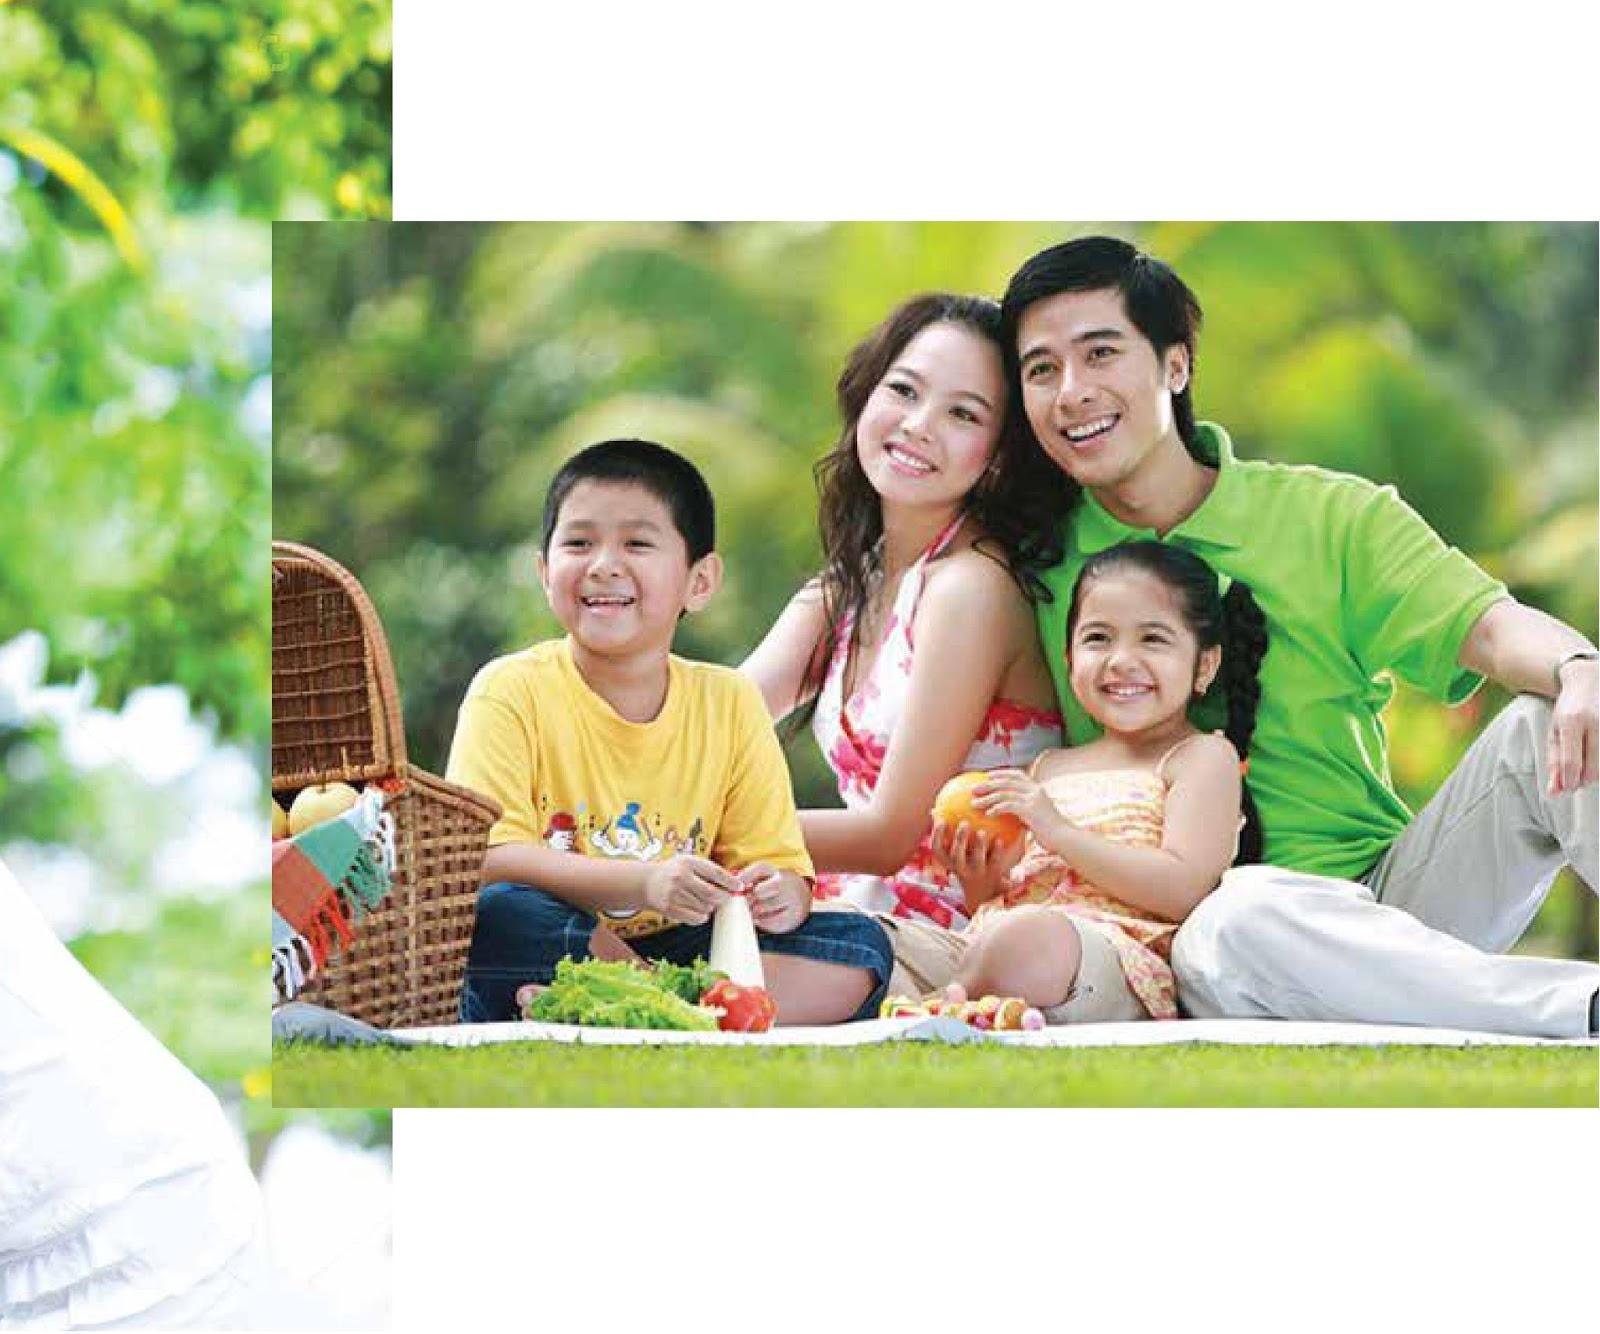 An cư lý tưởng để thực hiện được cần những yếu tố nào cho gia đình trẻ lựa chọn | Chung cư 789 Xuân Đỉnh